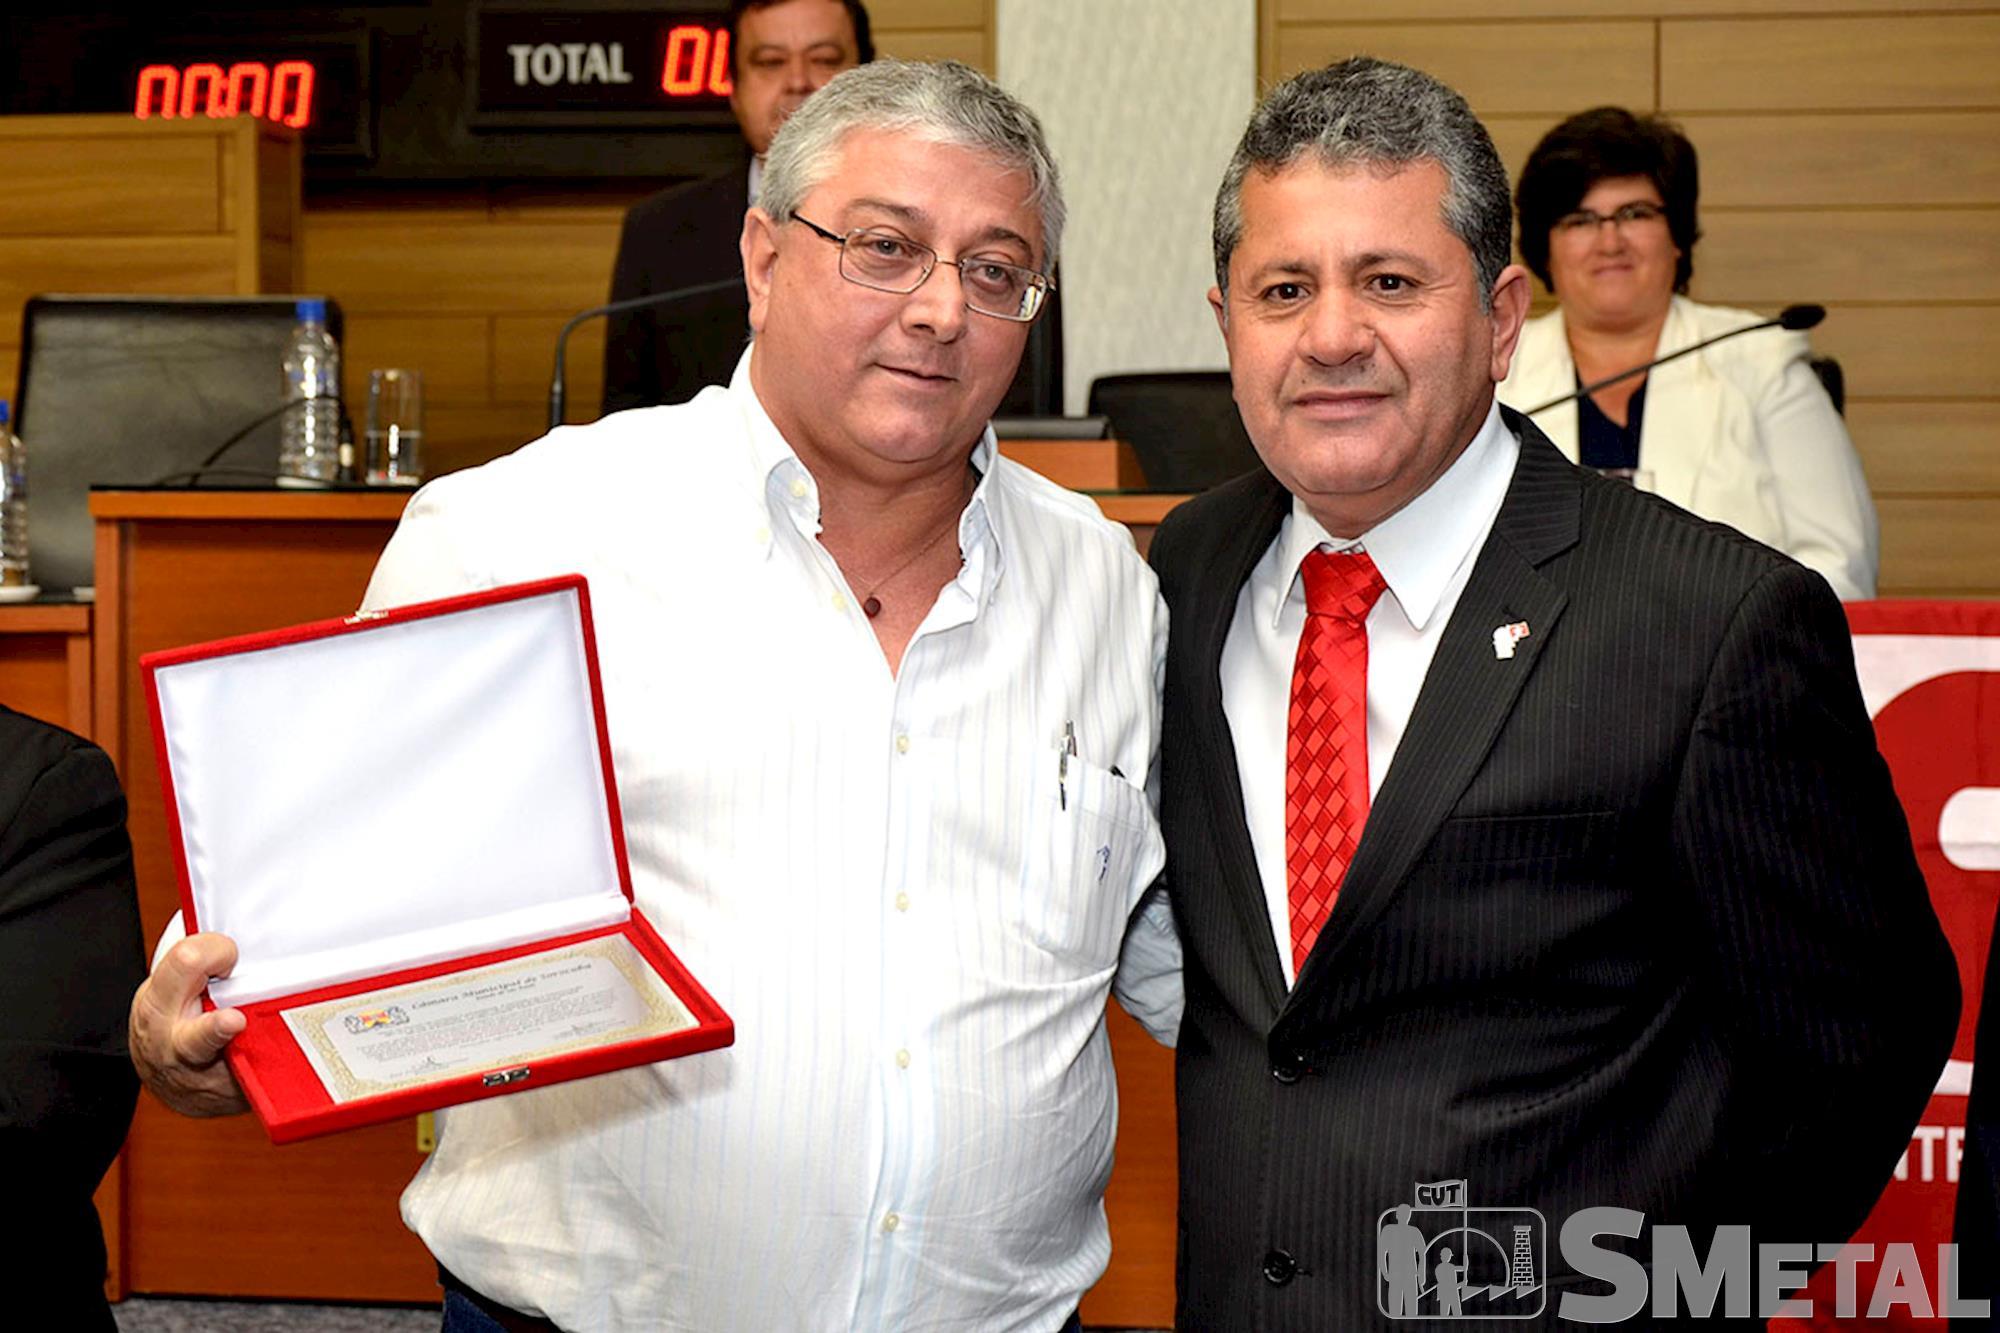 O ex-presidente do Sindicato dos Metalúrgicos,  Carlos Roberto de Gáspari,  foi um dos homenageados na Sessão Solene presidida por Izídio, Sessão Solene na Câmara de Sorocaba comemora 30 anos de CUT